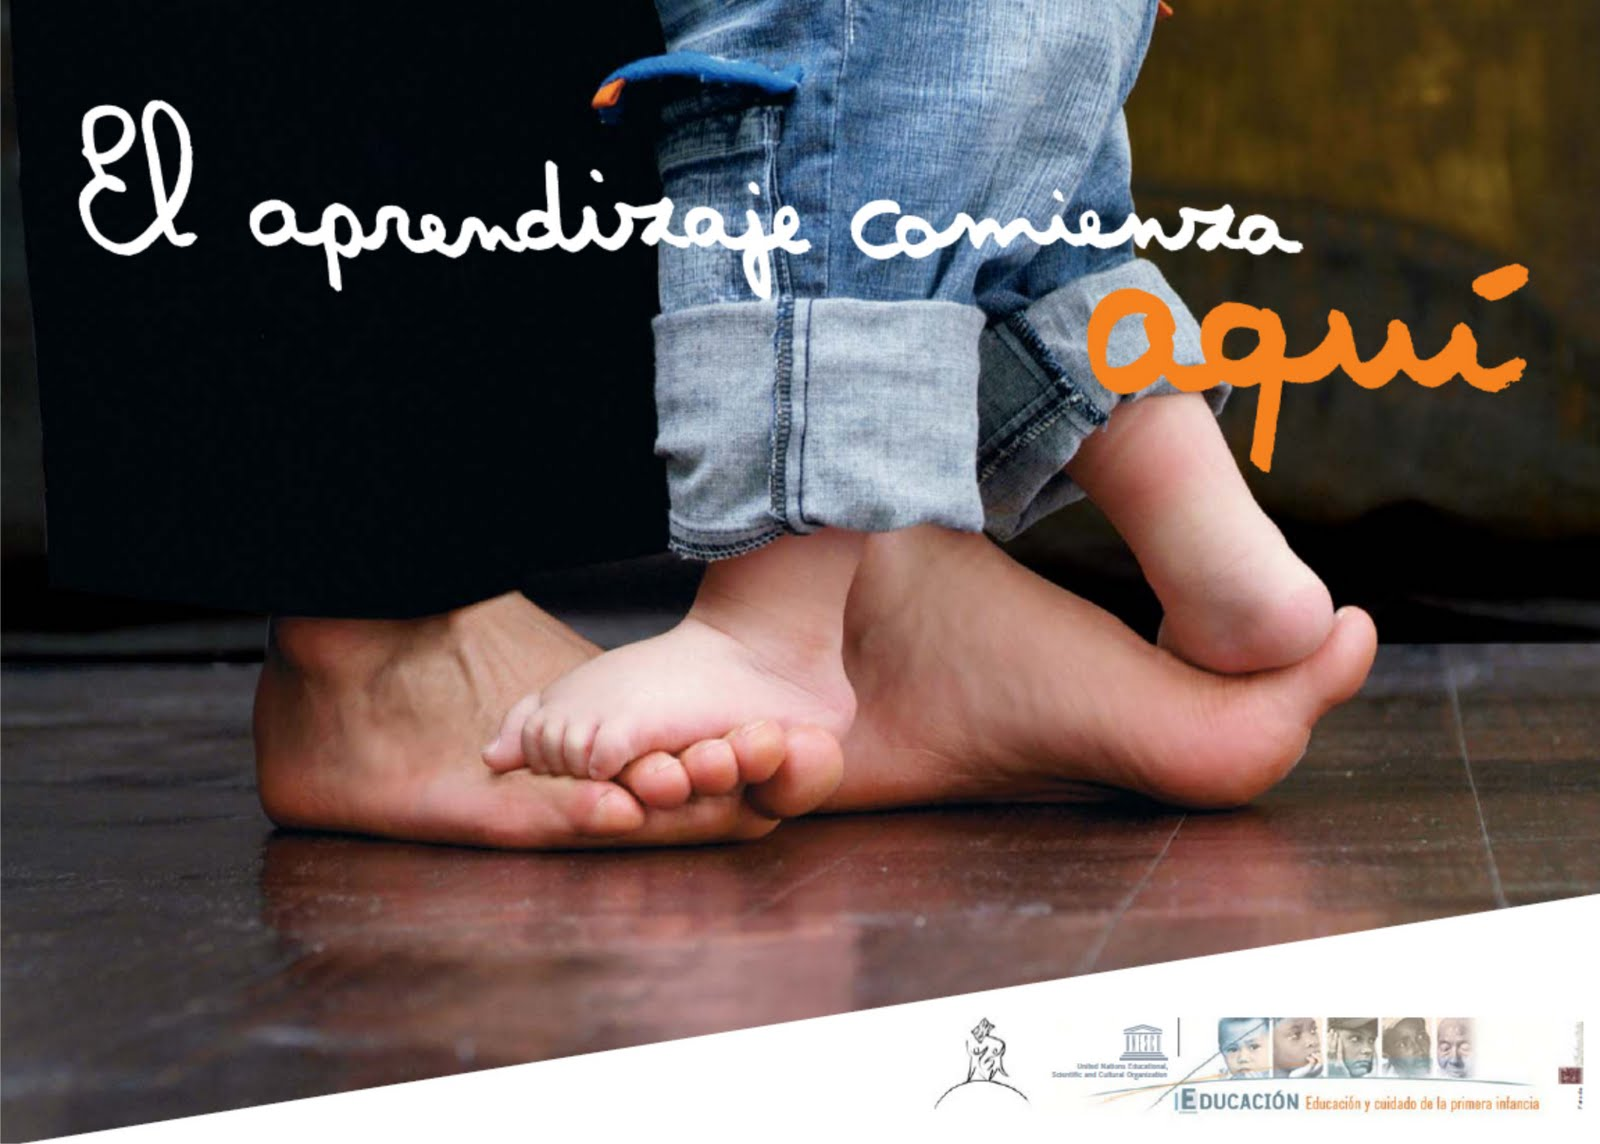 Jard n de infantes campanita letras de canciones for Canciones de jardin de infantes argentina